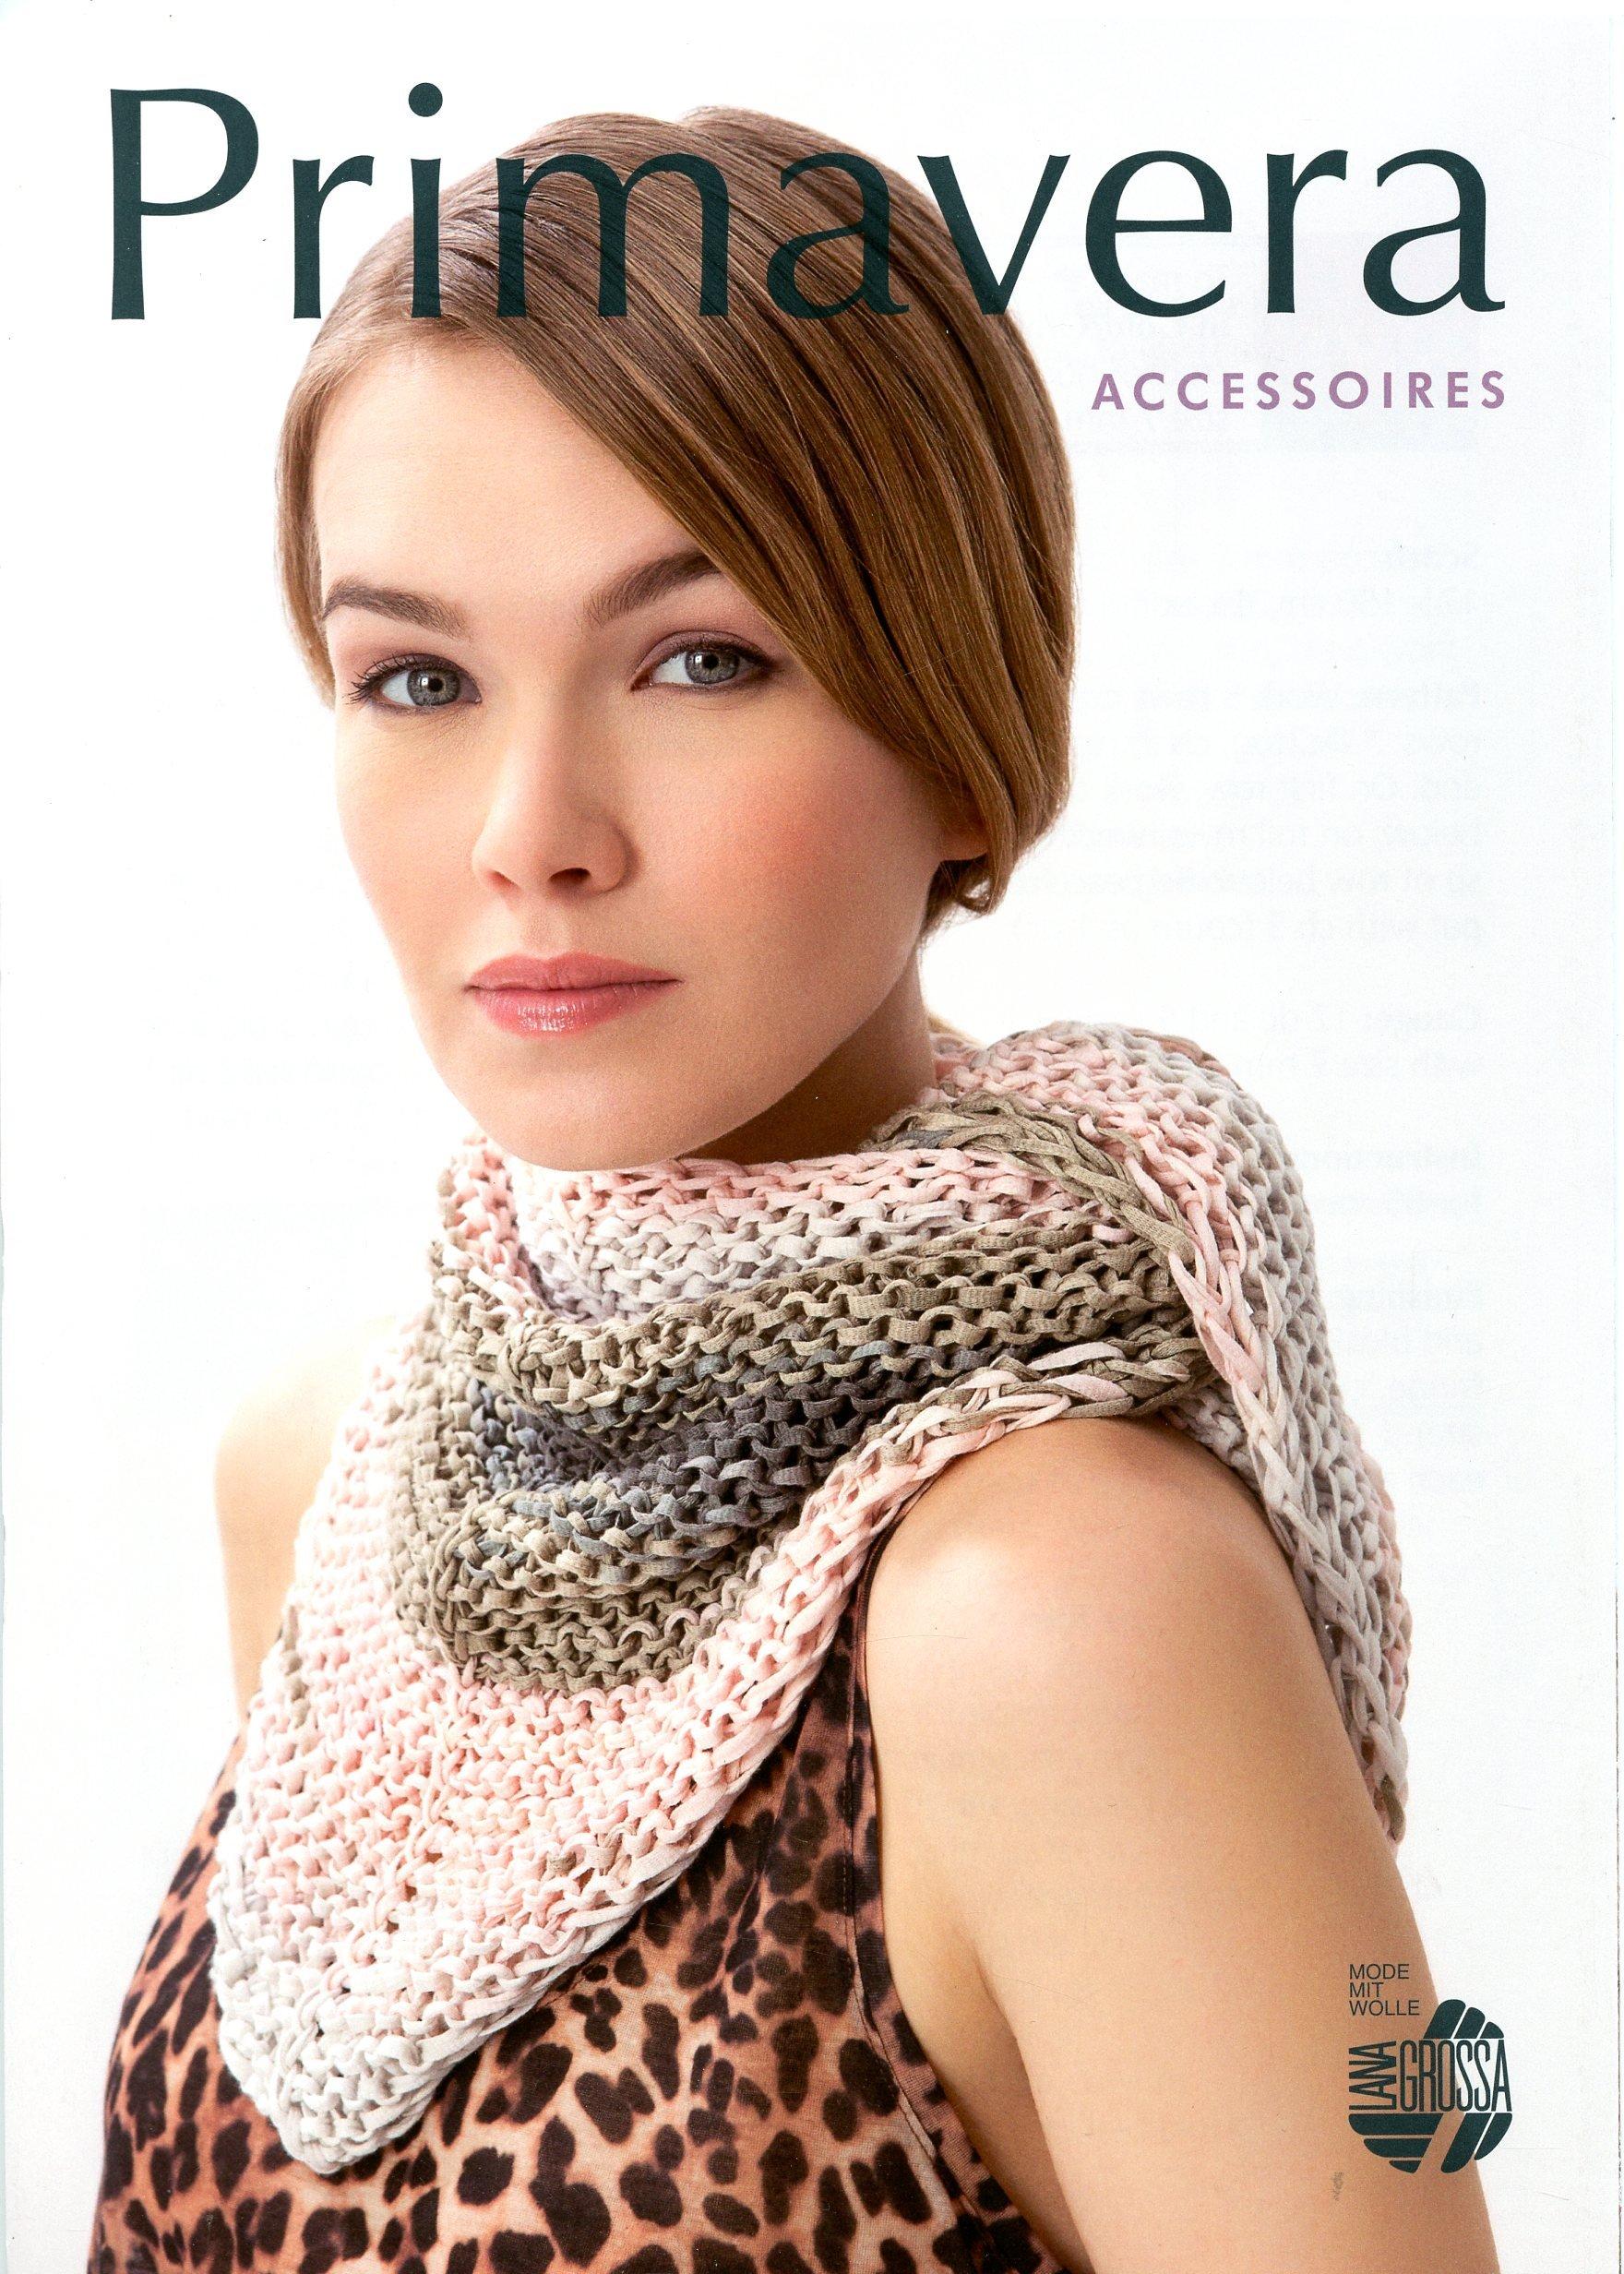 Lana Grossa Knitting Patterns - 1000 Free Patterns